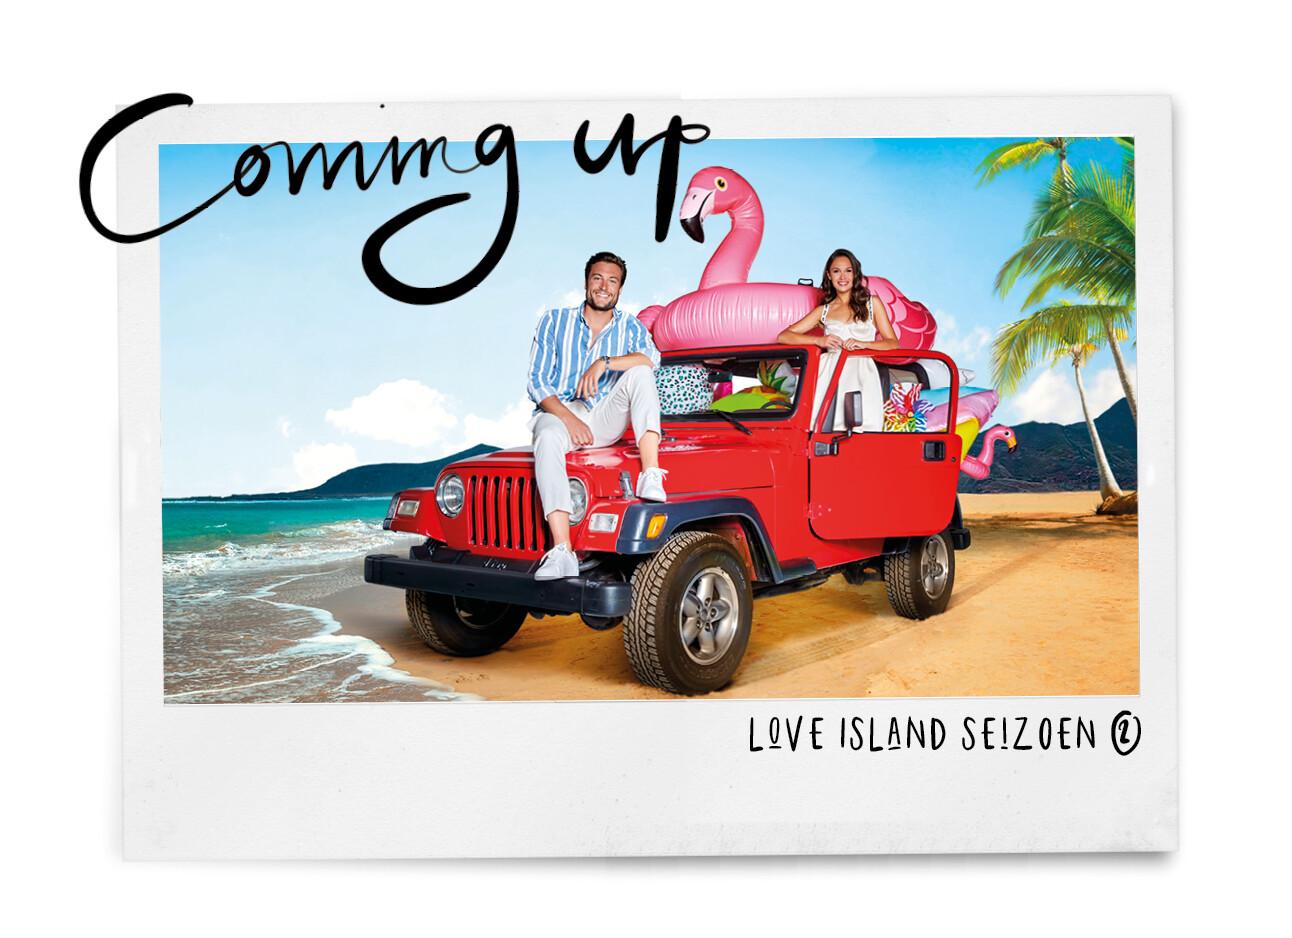 Love Island seizoen 2: dit is alles wat je wilt weten